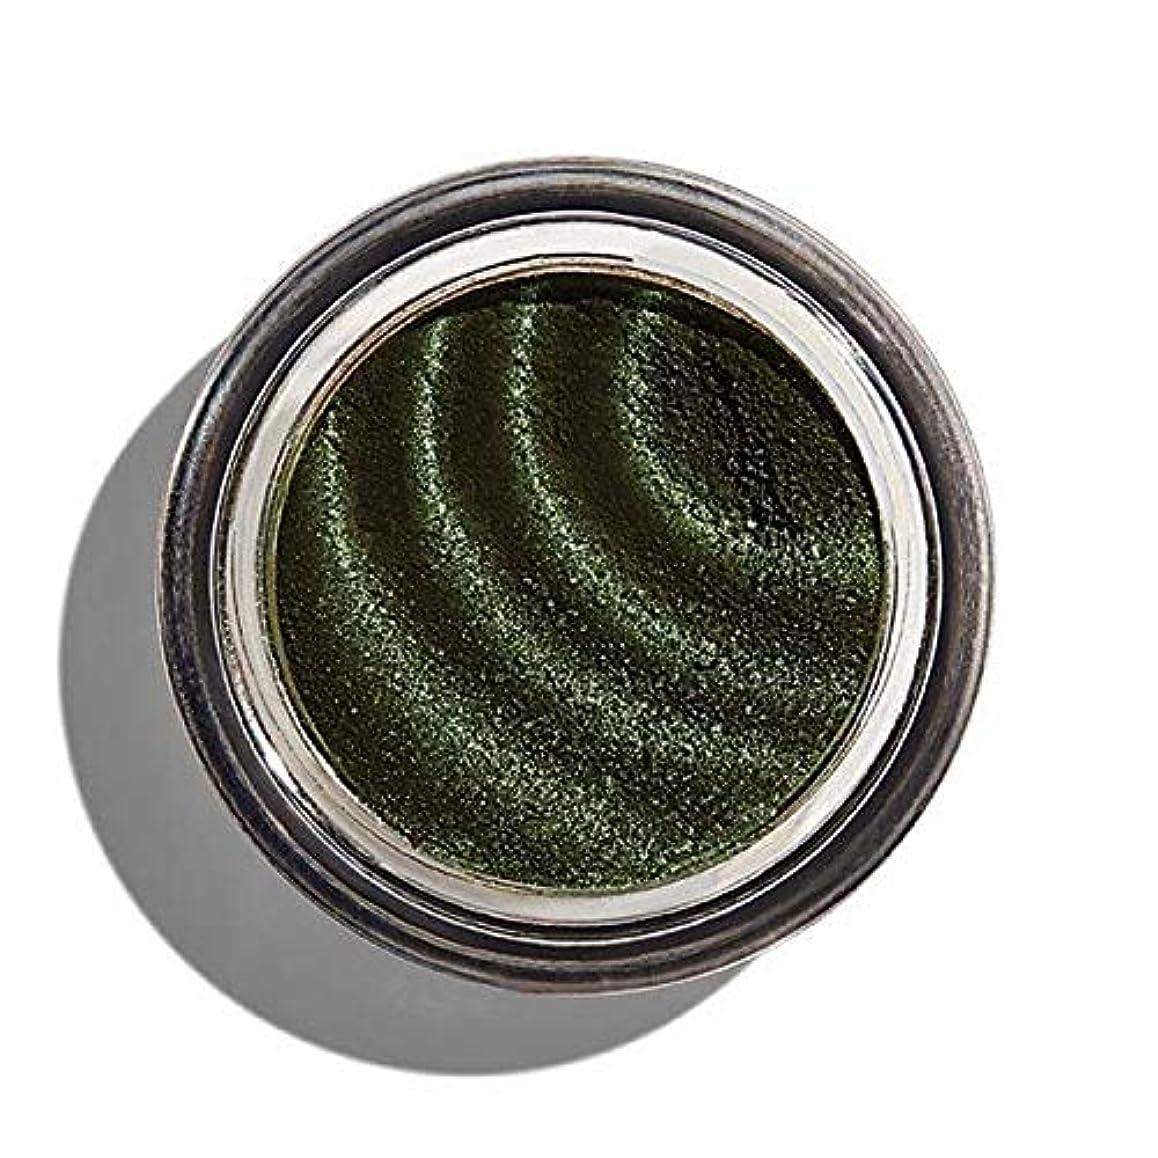 テーマ天の影響力のある[Revolution ] 化粧回転磁化のアイシャドウグリーン - Makeup Revolution Magnetize Eyeshadow Green [並行輸入品]